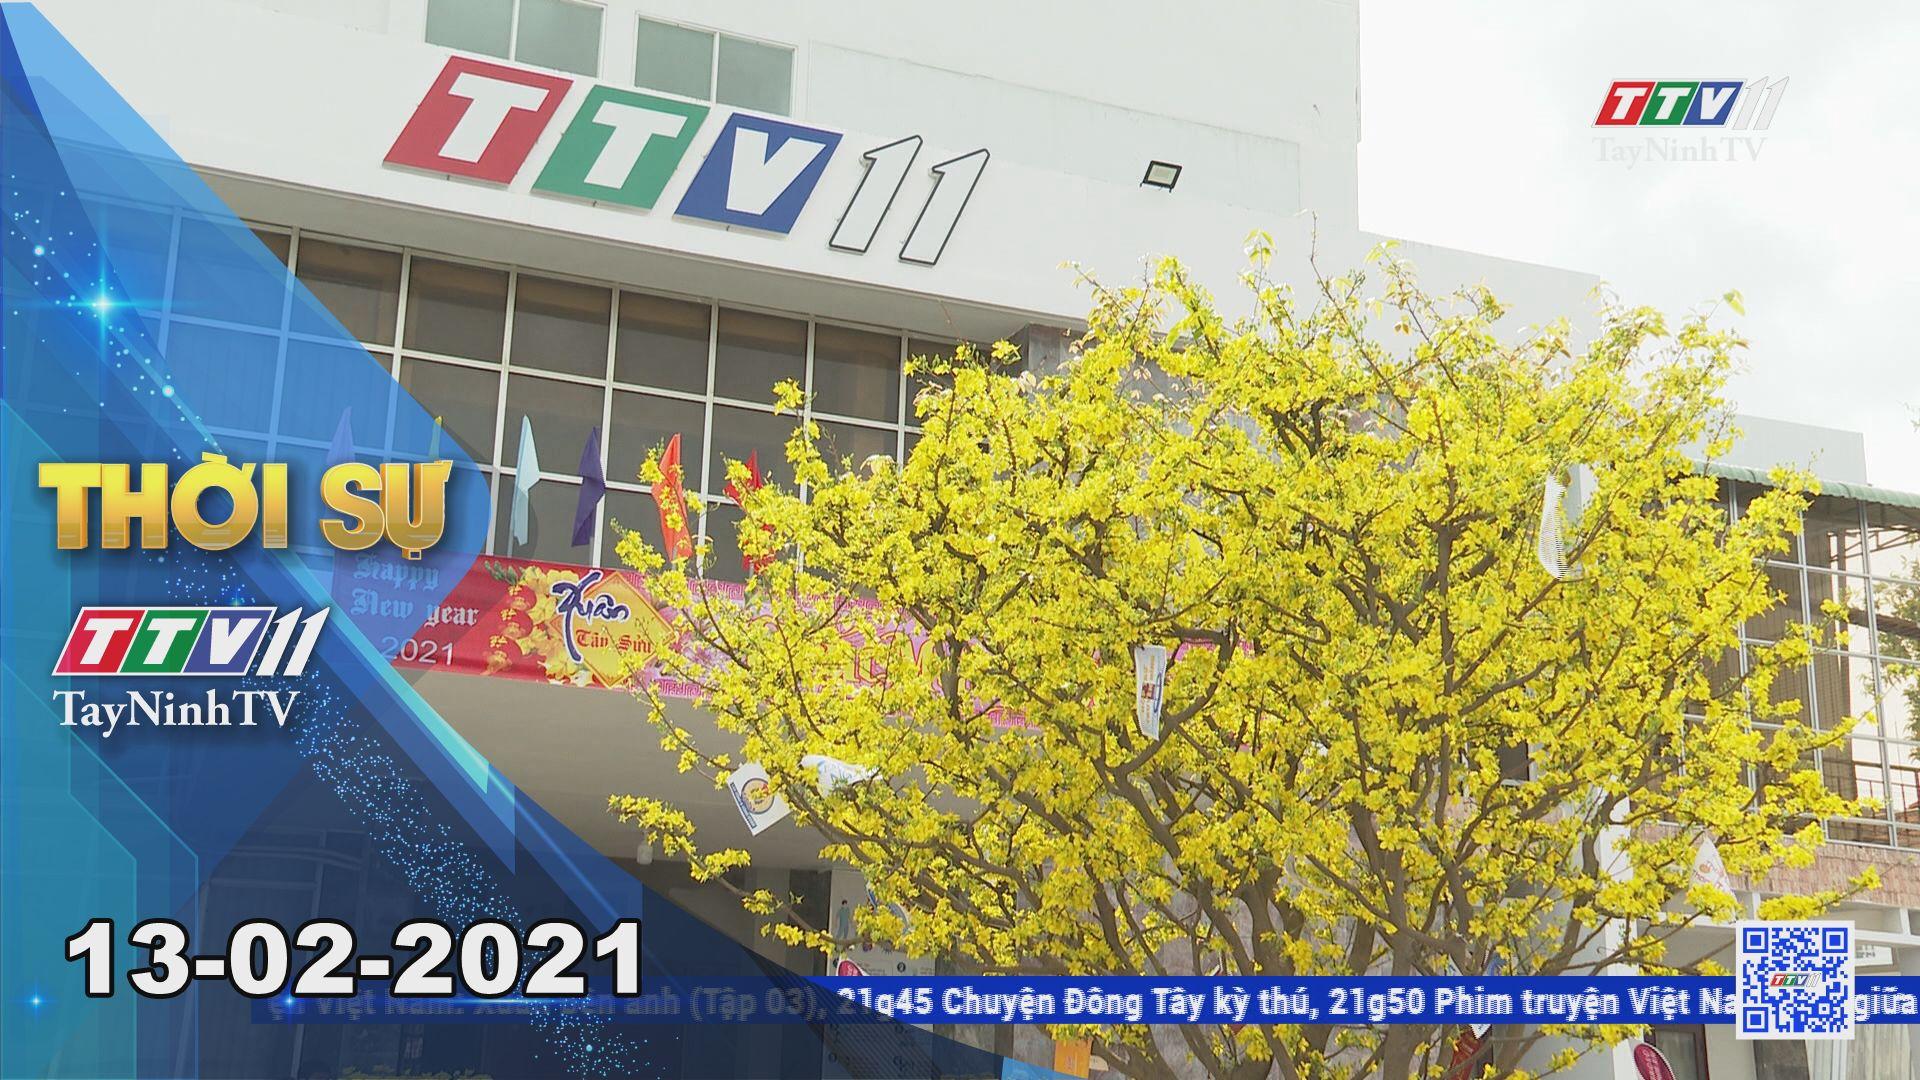 Thời sự Tây Ninh 13-02-2021   Tin tức hôm nay   TayNinhTV